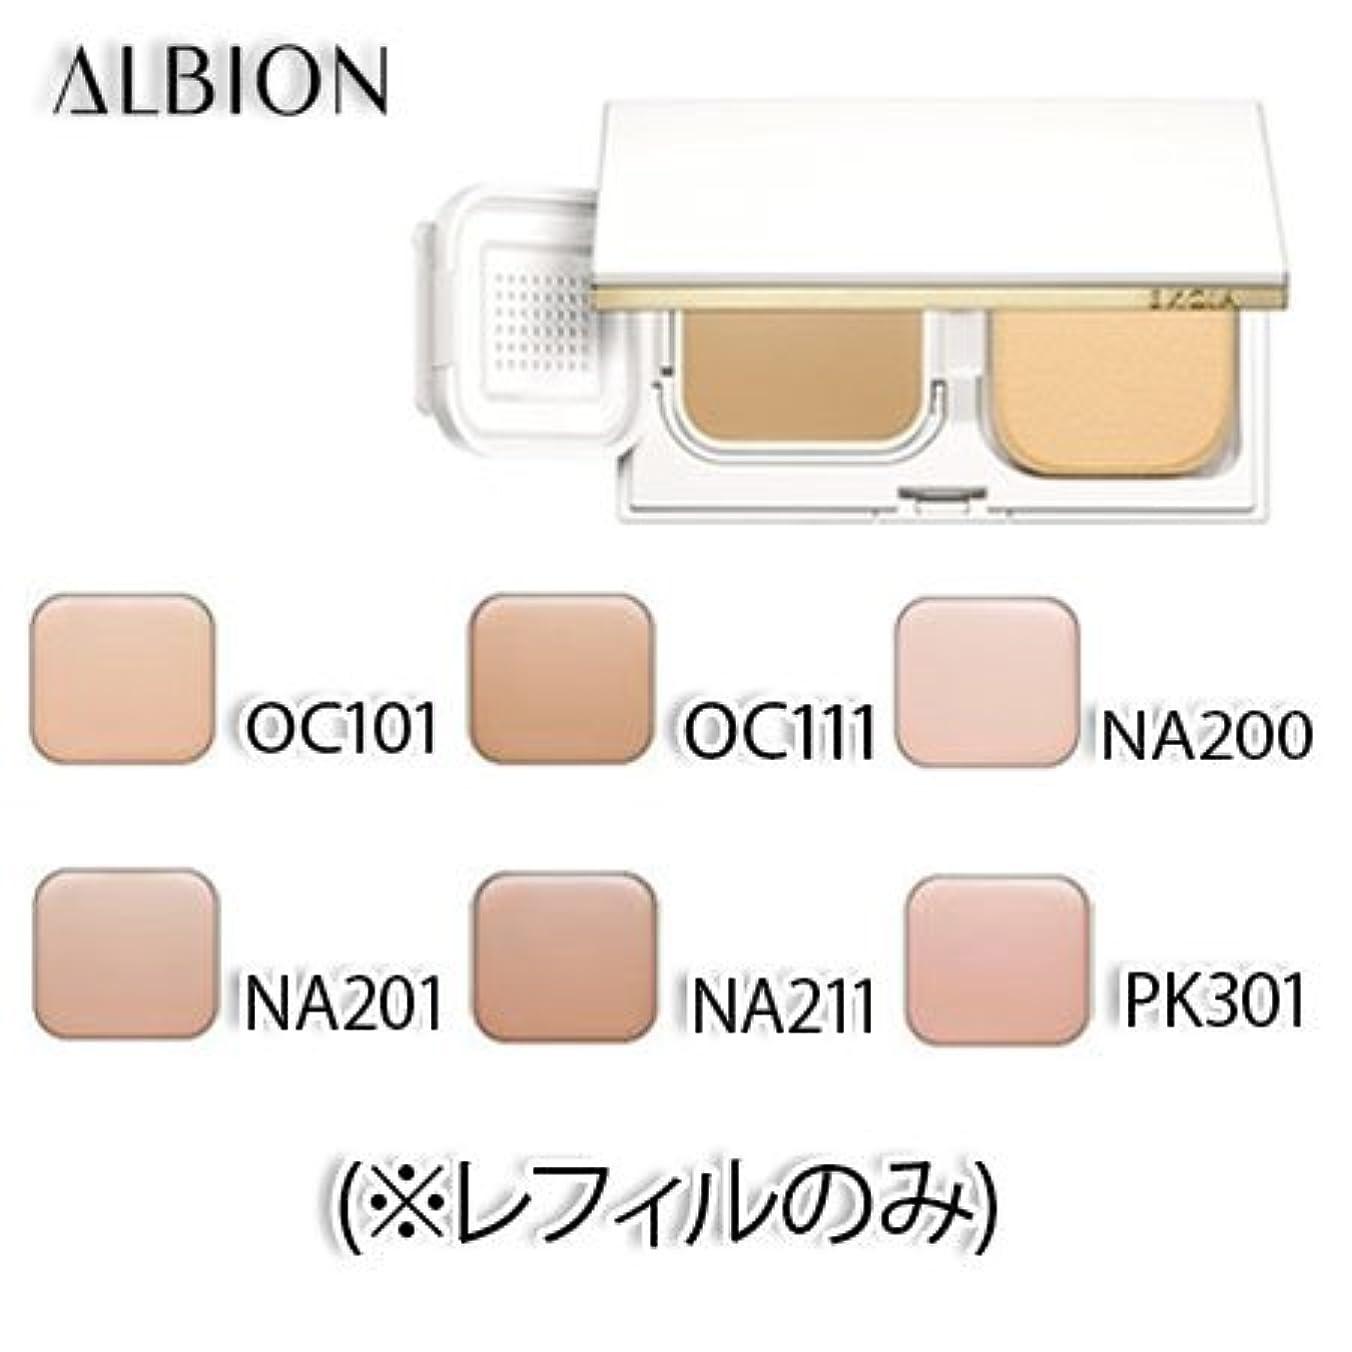 素朴な慈善嫉妬アルビオン エクシア AL リフティング エマルジョン ホワイト 6色 SPF47 PA++++ (レフィルのみ) -ALBION- PK301